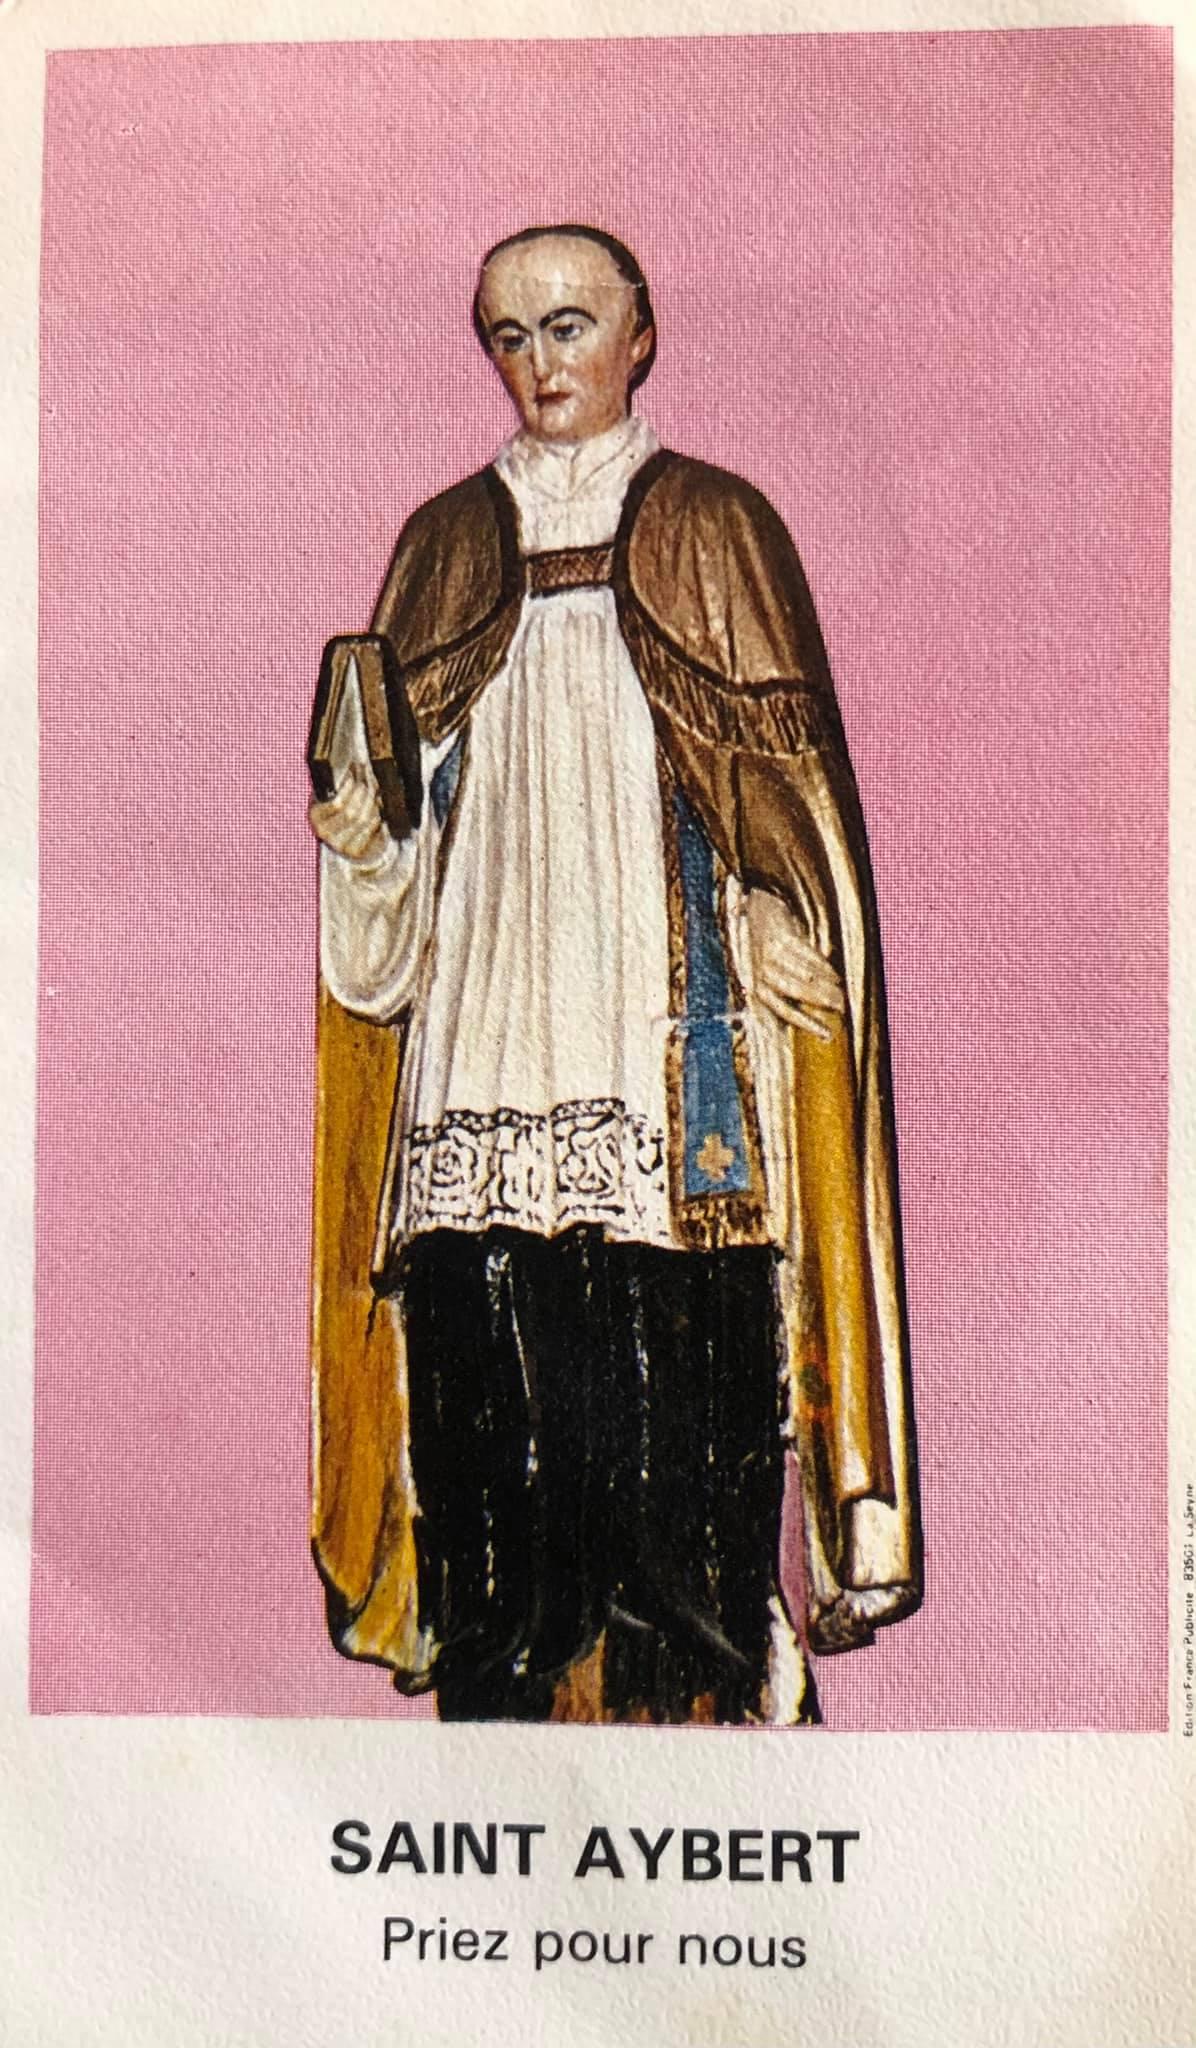 Saint Aybert